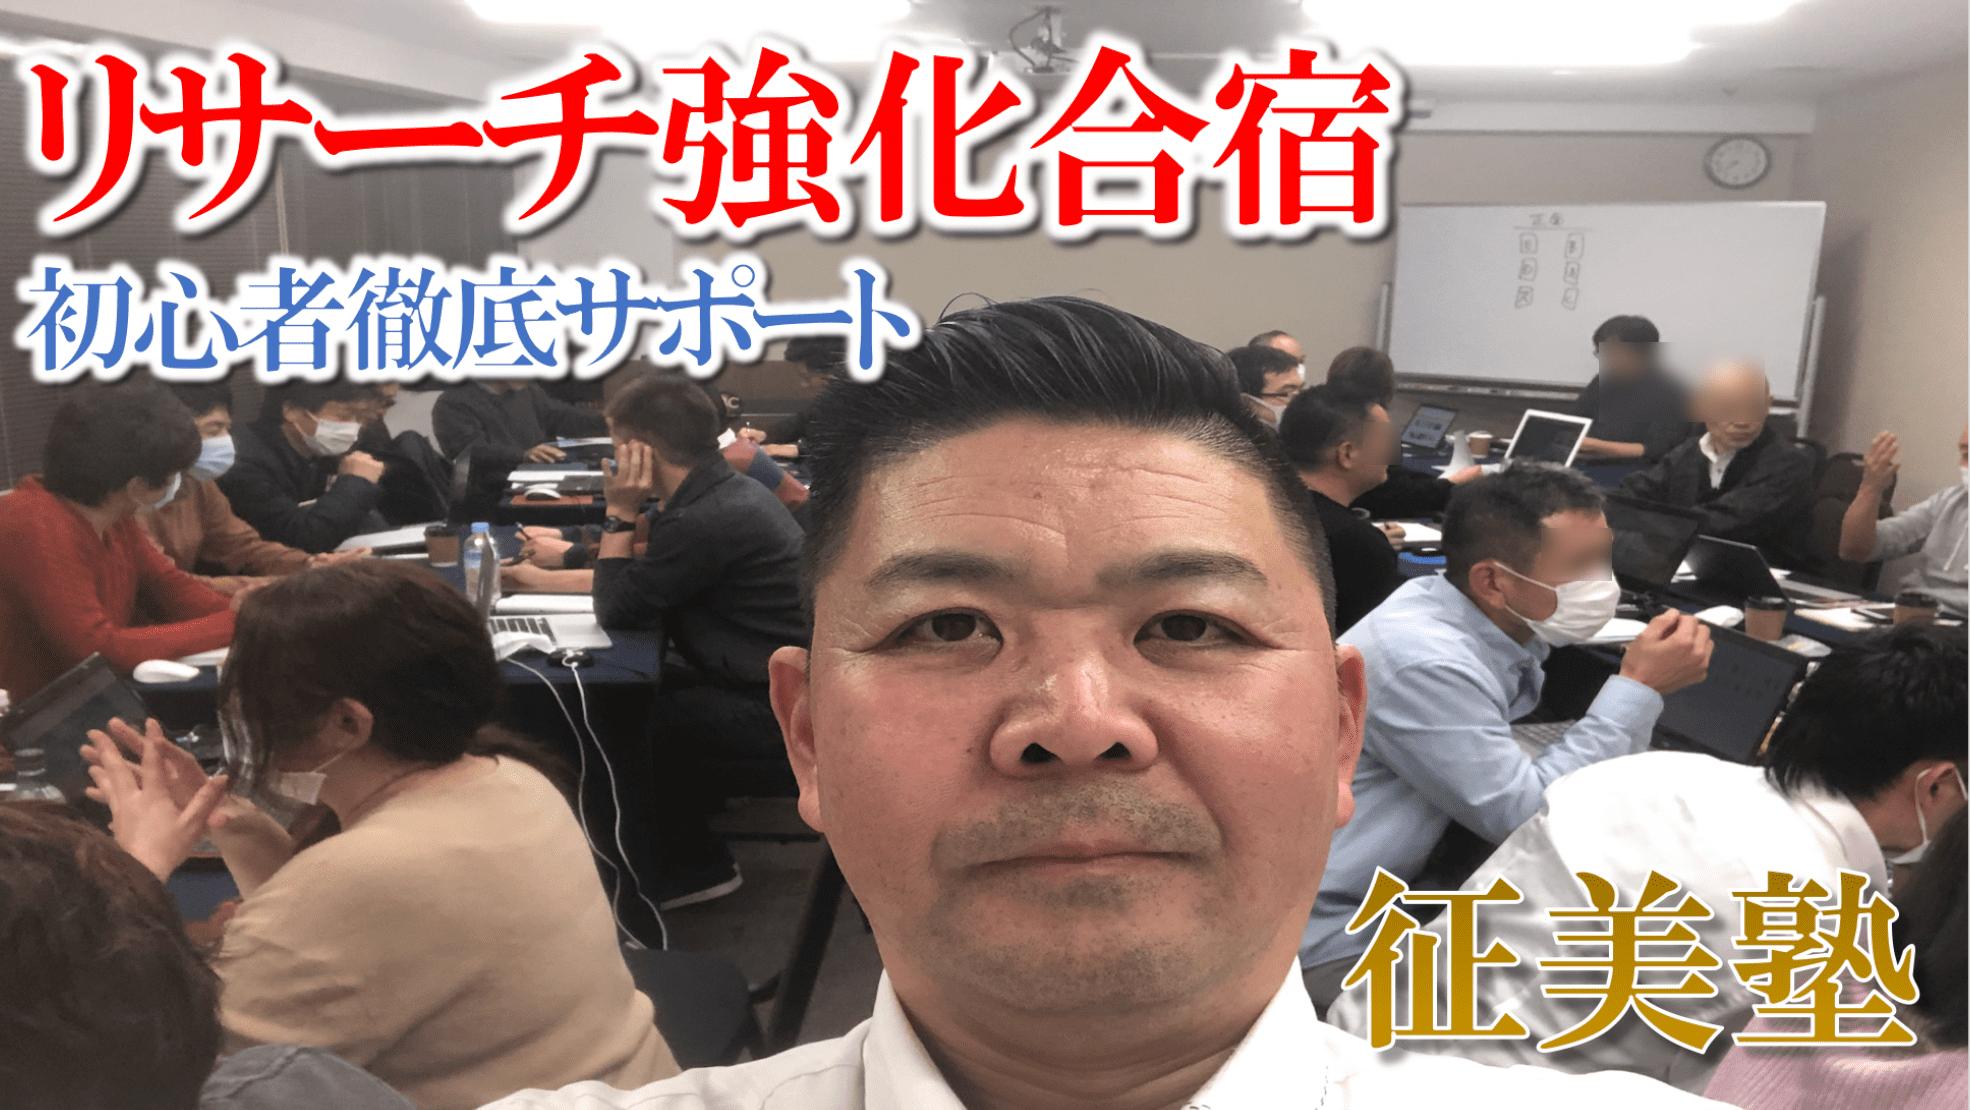 中国輸入 無在庫転売 プライベートブランド ODM/OEM リサーチ強化合宿! 初心者徹底サポート